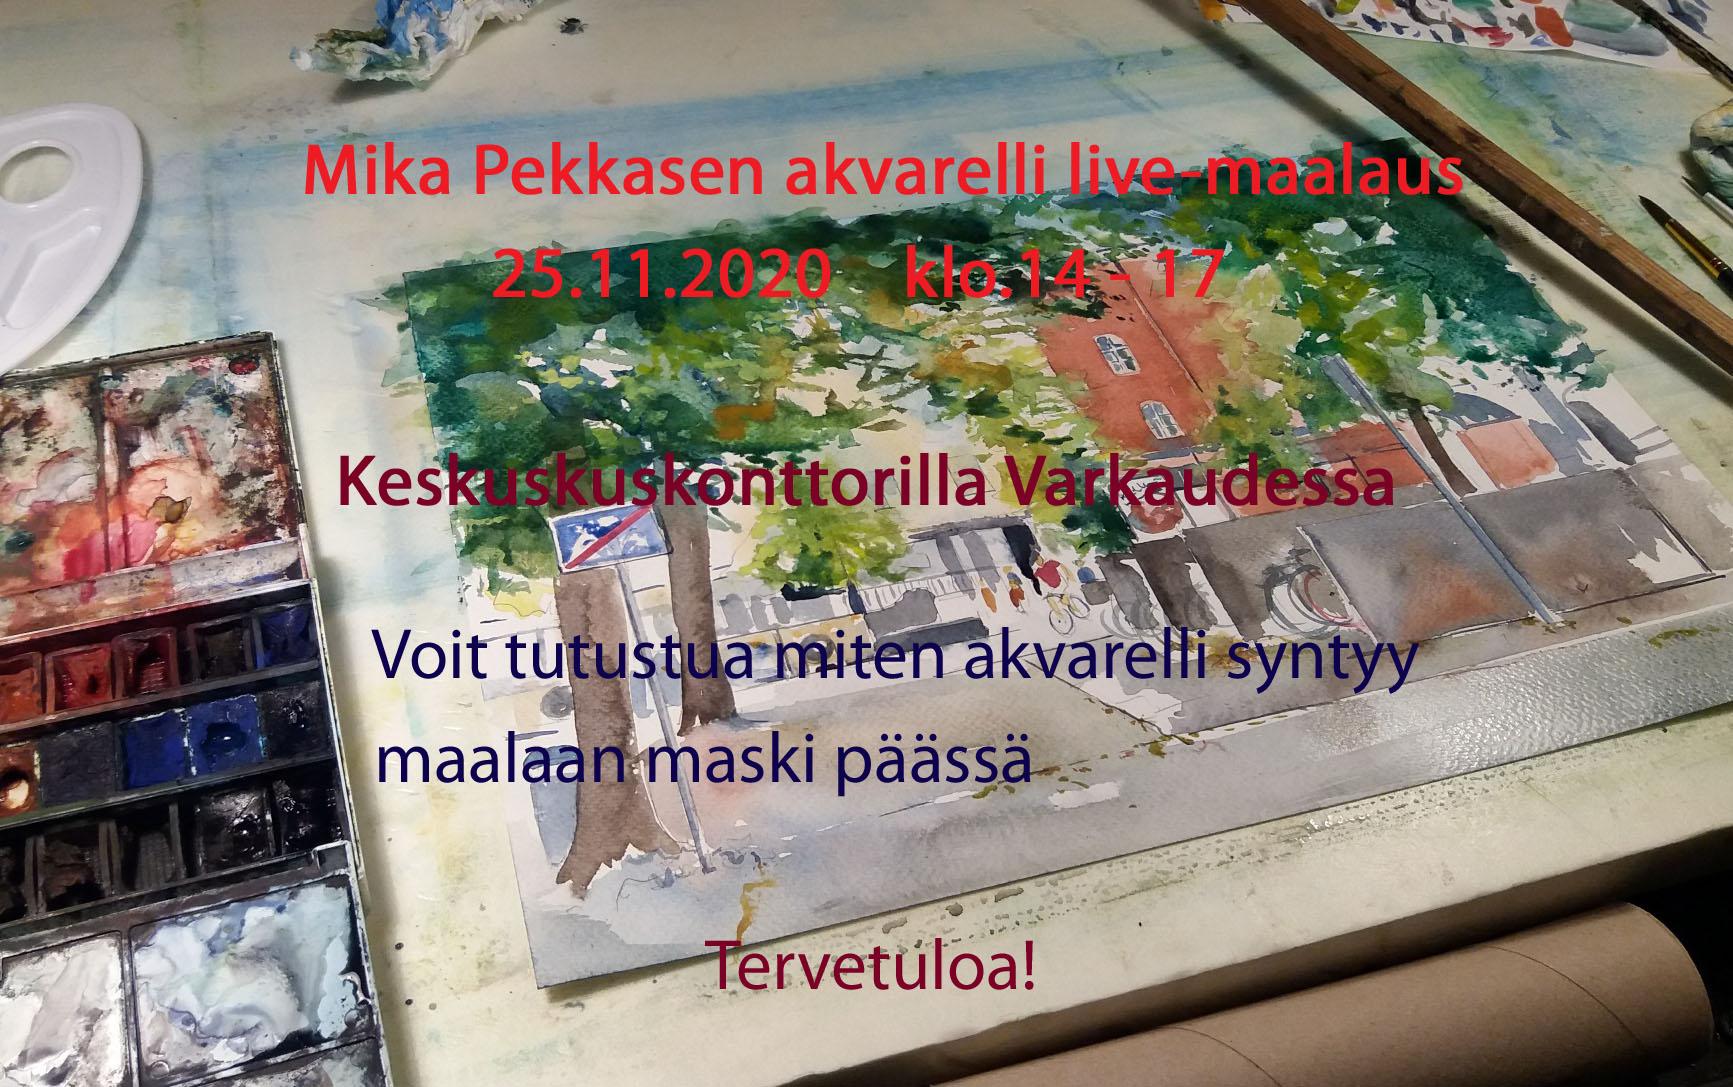 Live-maalaus Varkauden Keskuskonttorilla 25.11.2020 klo.14-17  Tervetuloa!